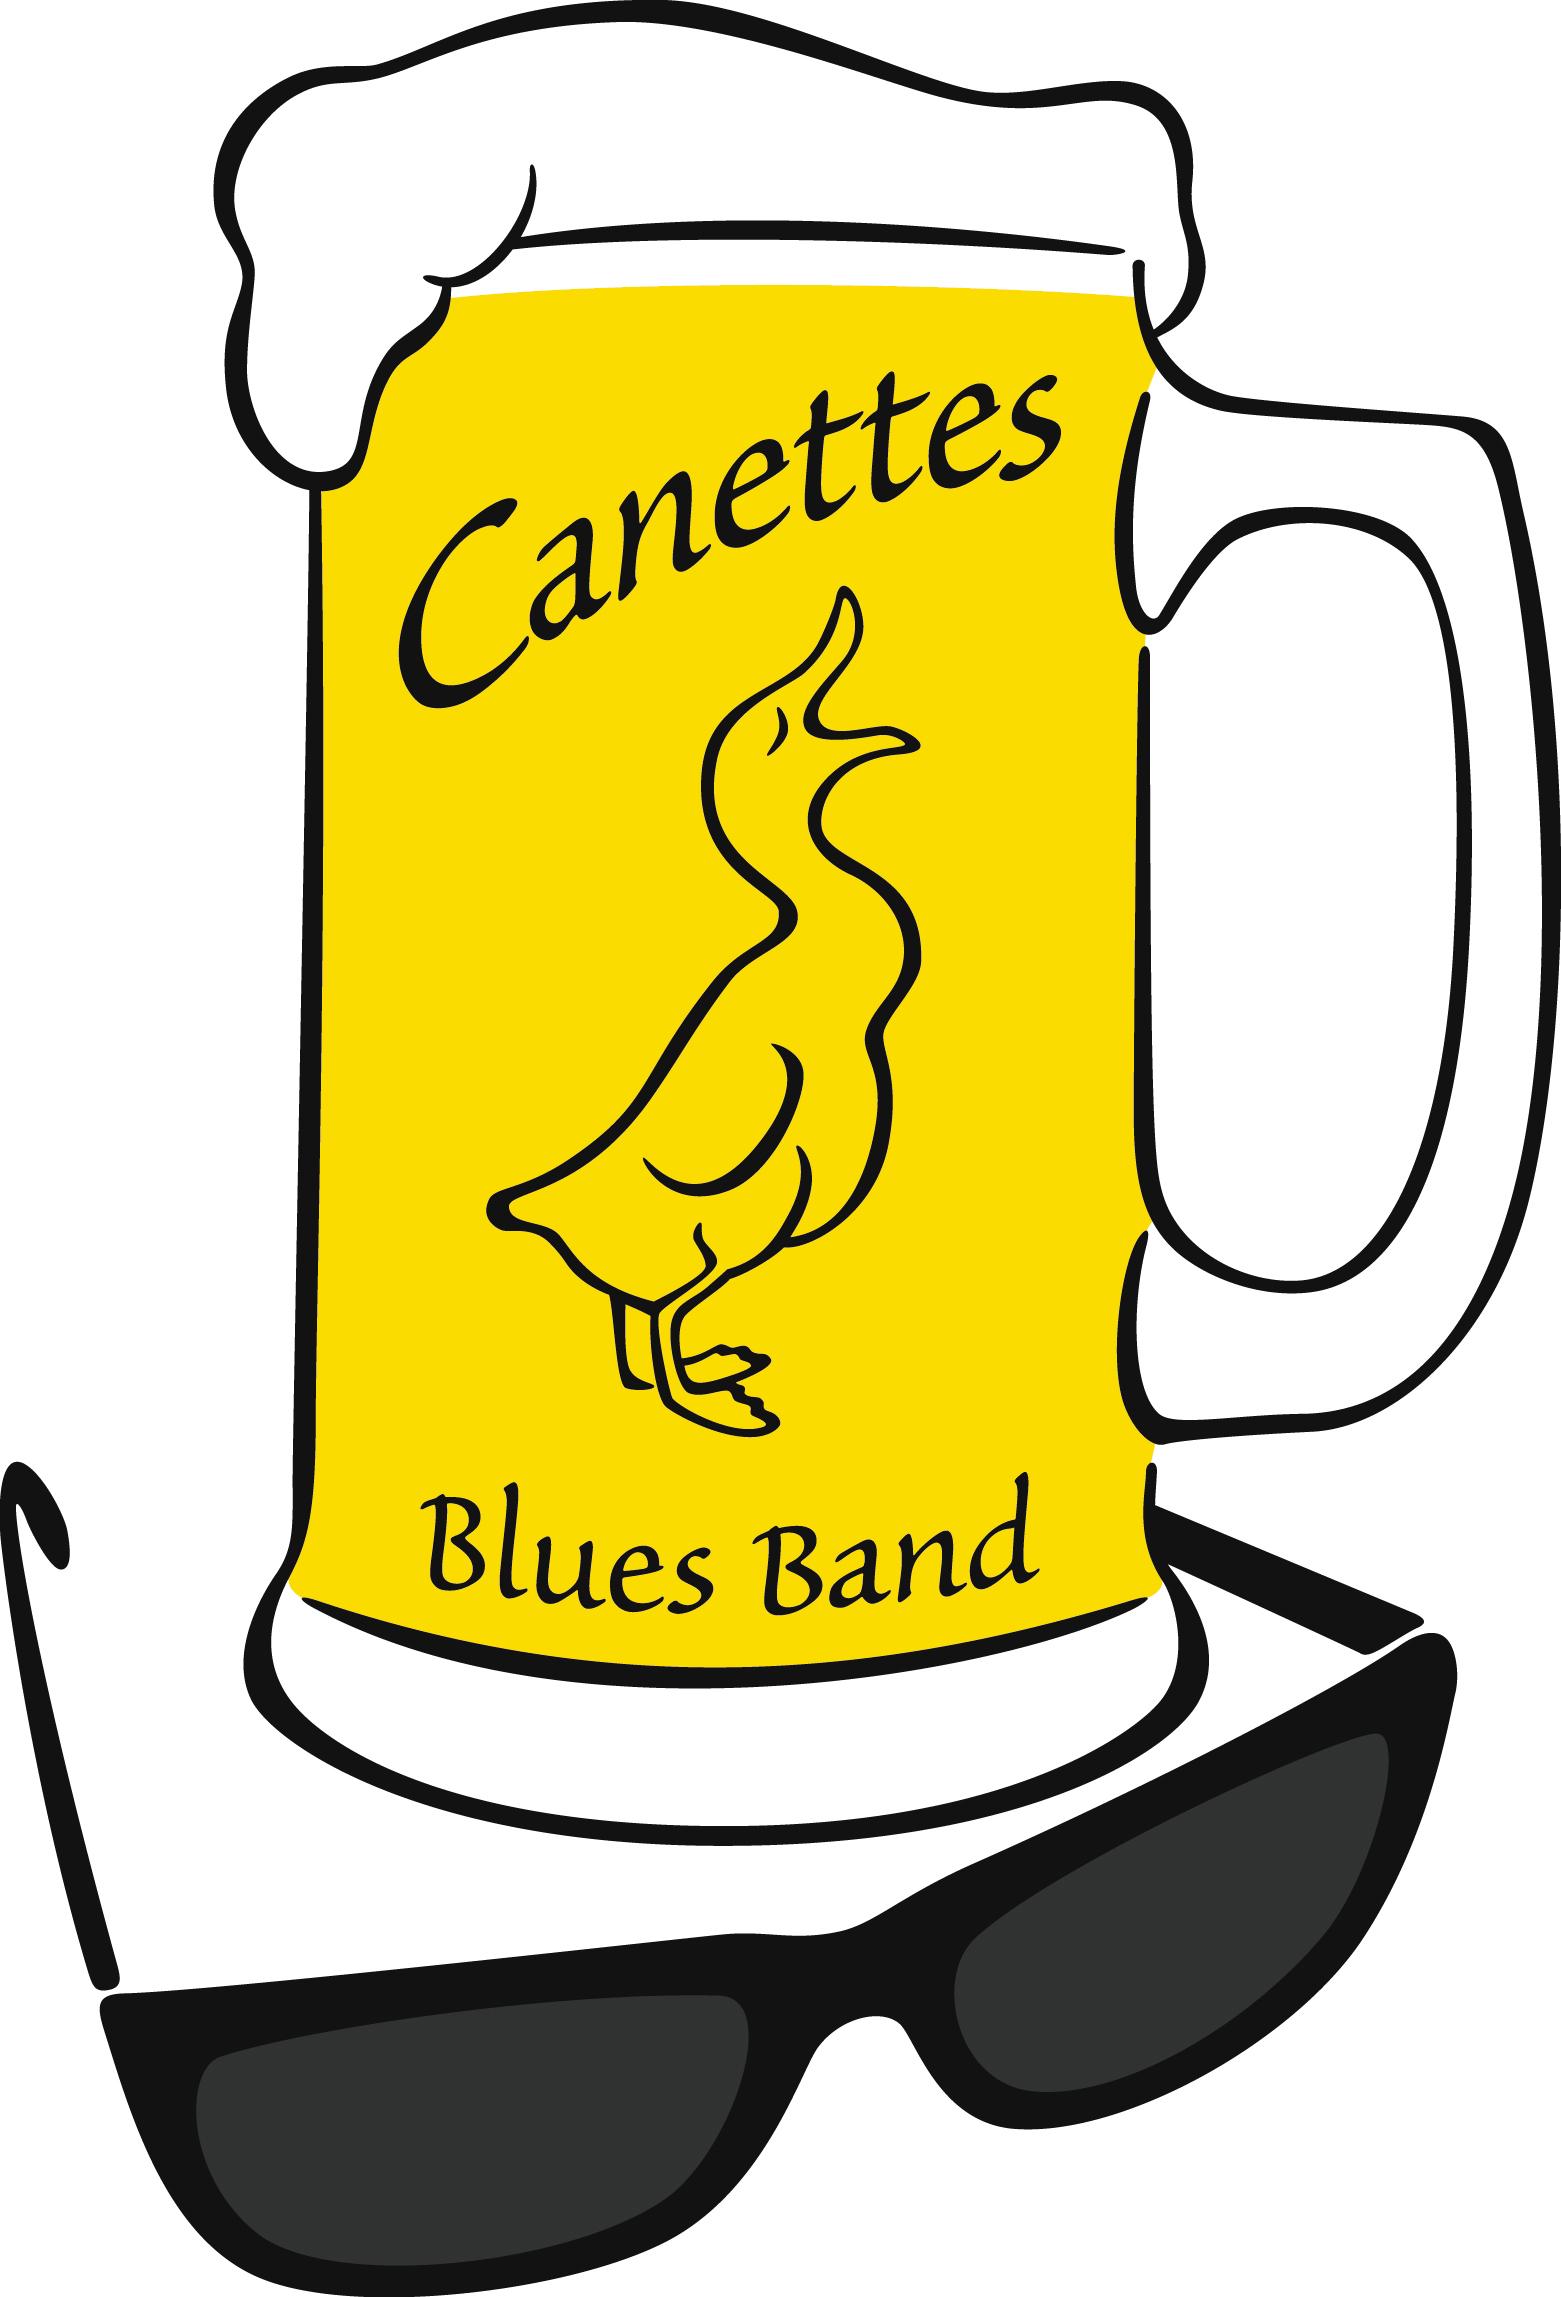 CanettesMug